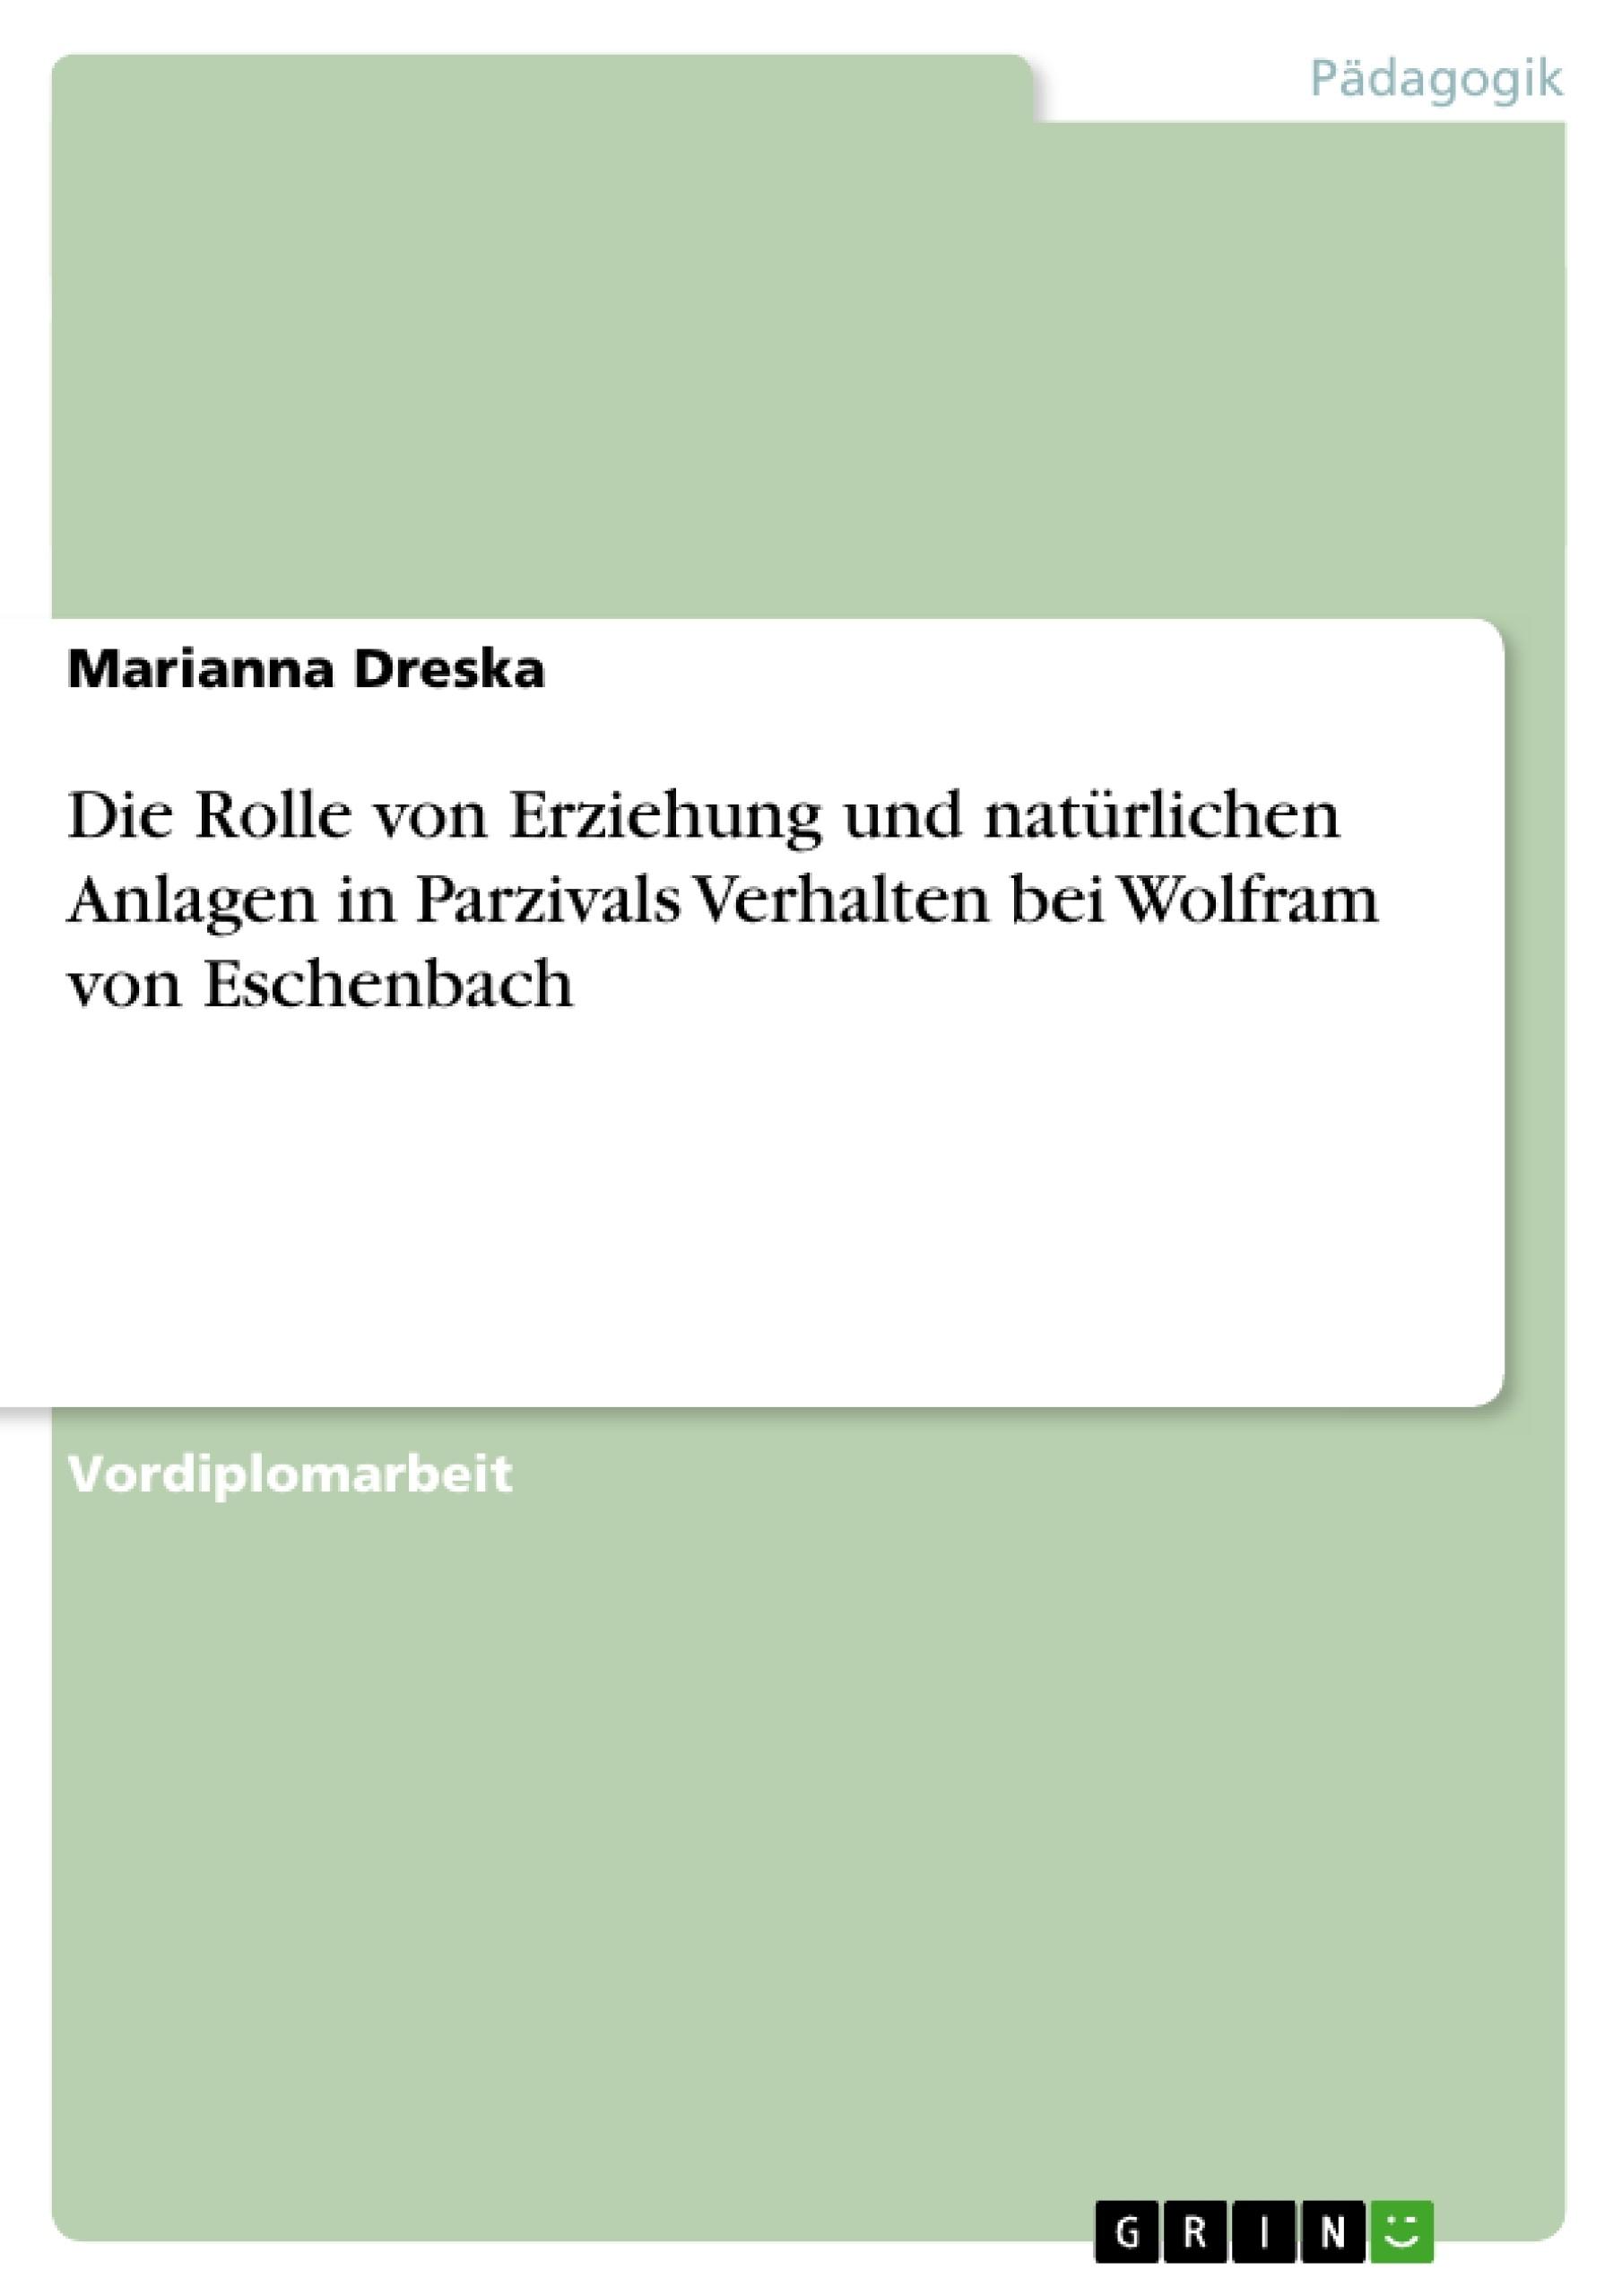 Titel: Die Rolle von Erziehung und natürlichen Anlagen in Parzivals Verhalten bei Wolfram von Eschenbach